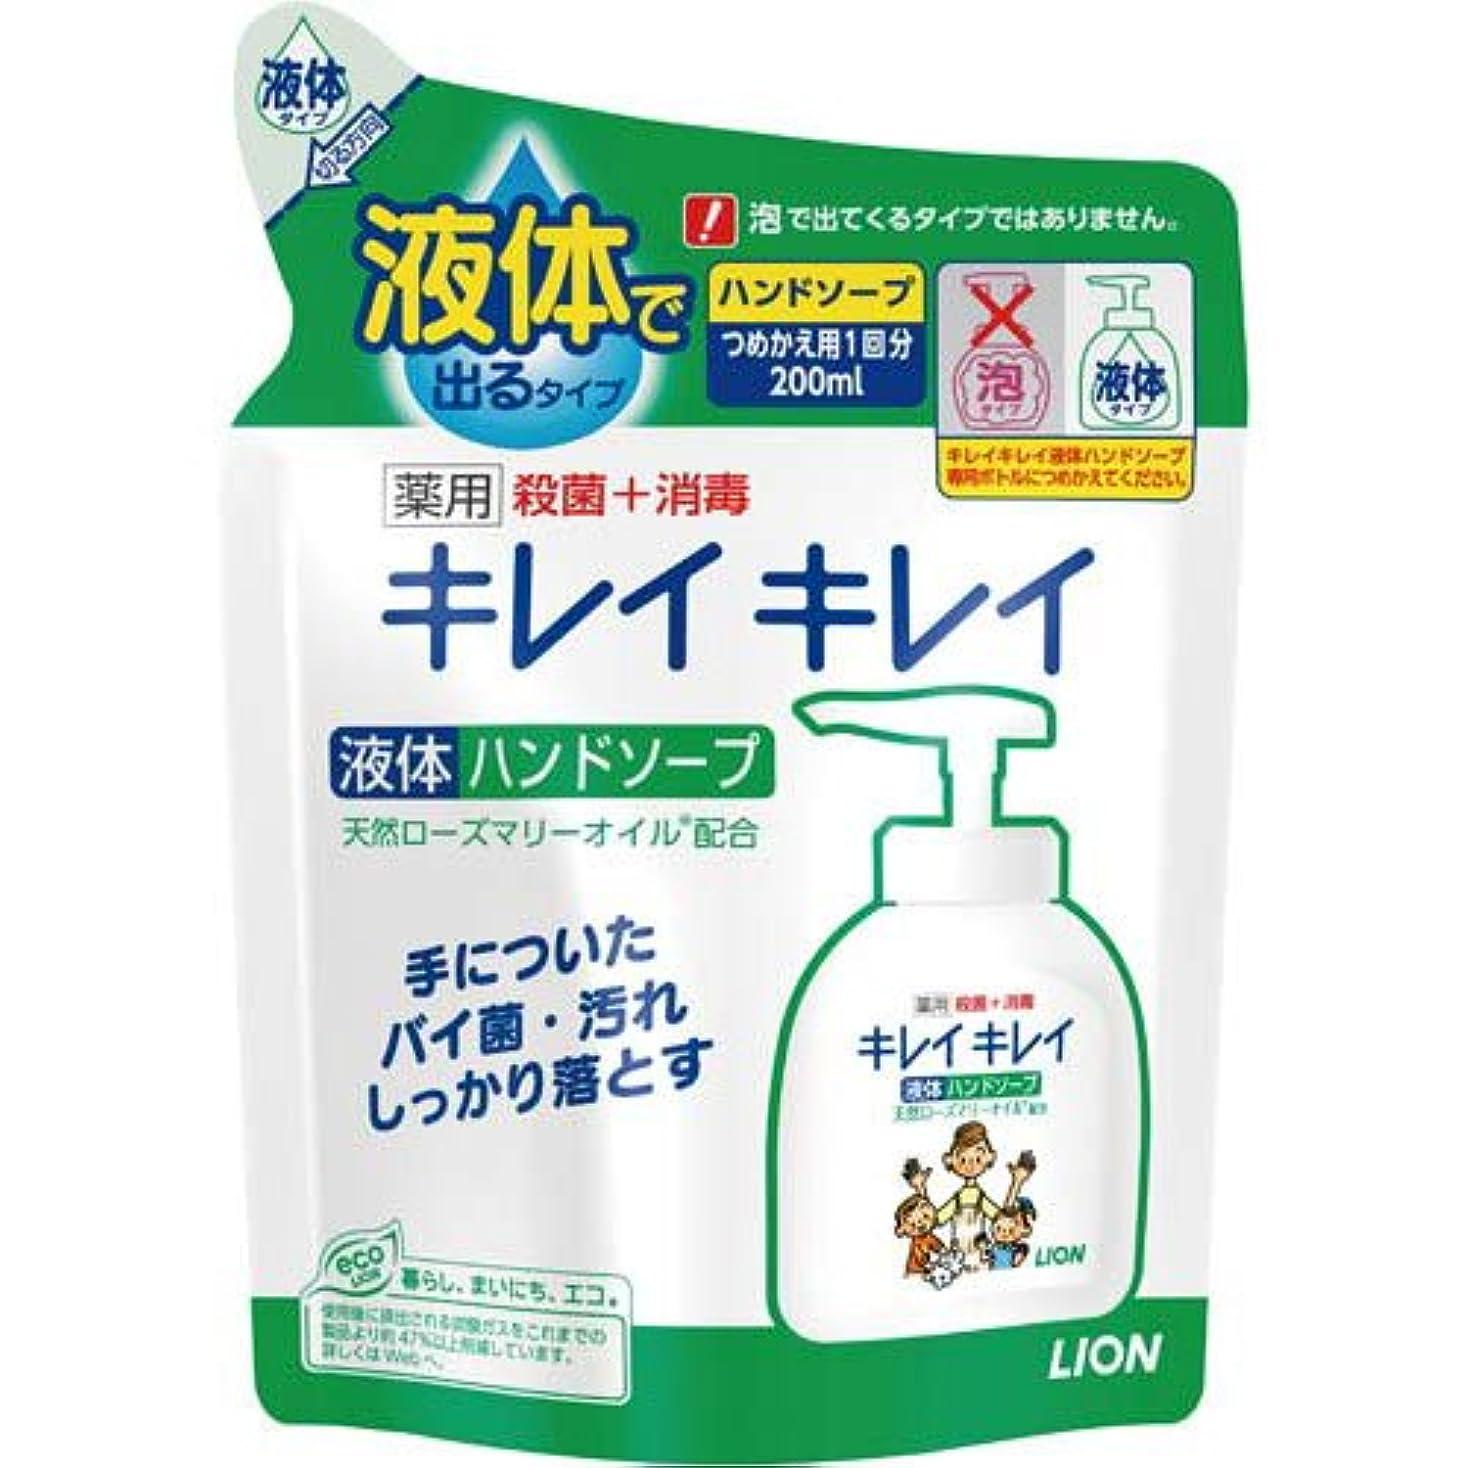 クライマックスサイト回るライオン キレイキレイ薬用ハンドソープ 詰替用200ml×5